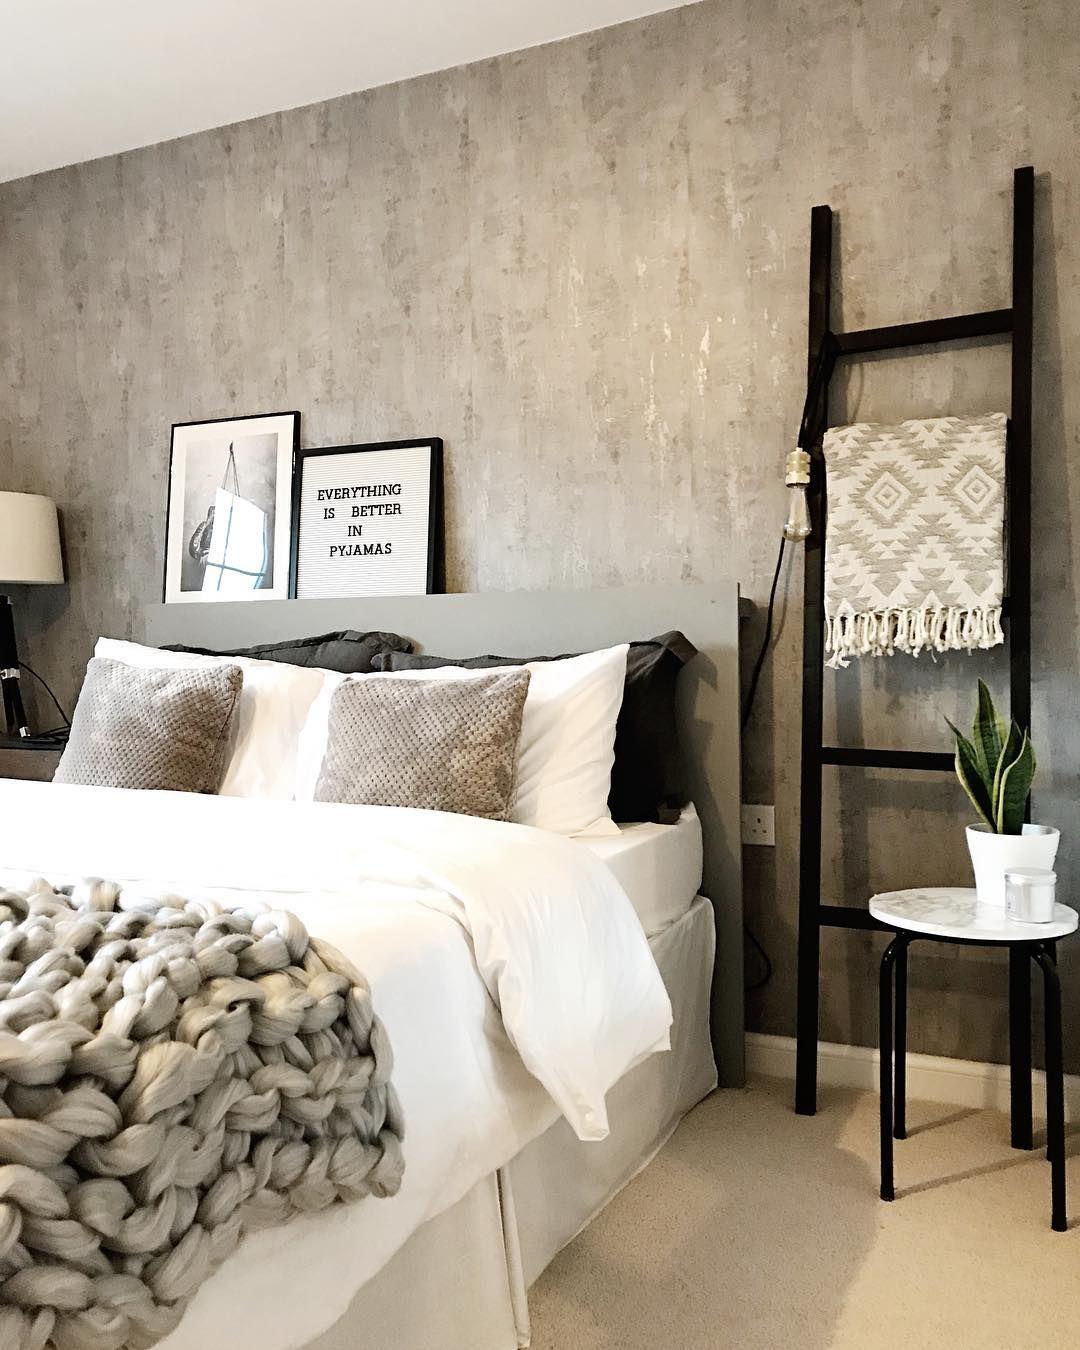 海外インテリアから学ぶ 魅力的なベッドルーム 作りのアイデア21選 Folk 海外インテリア ベッドルーム 寝室インテリアのアイデア ベッドルームのアイデア